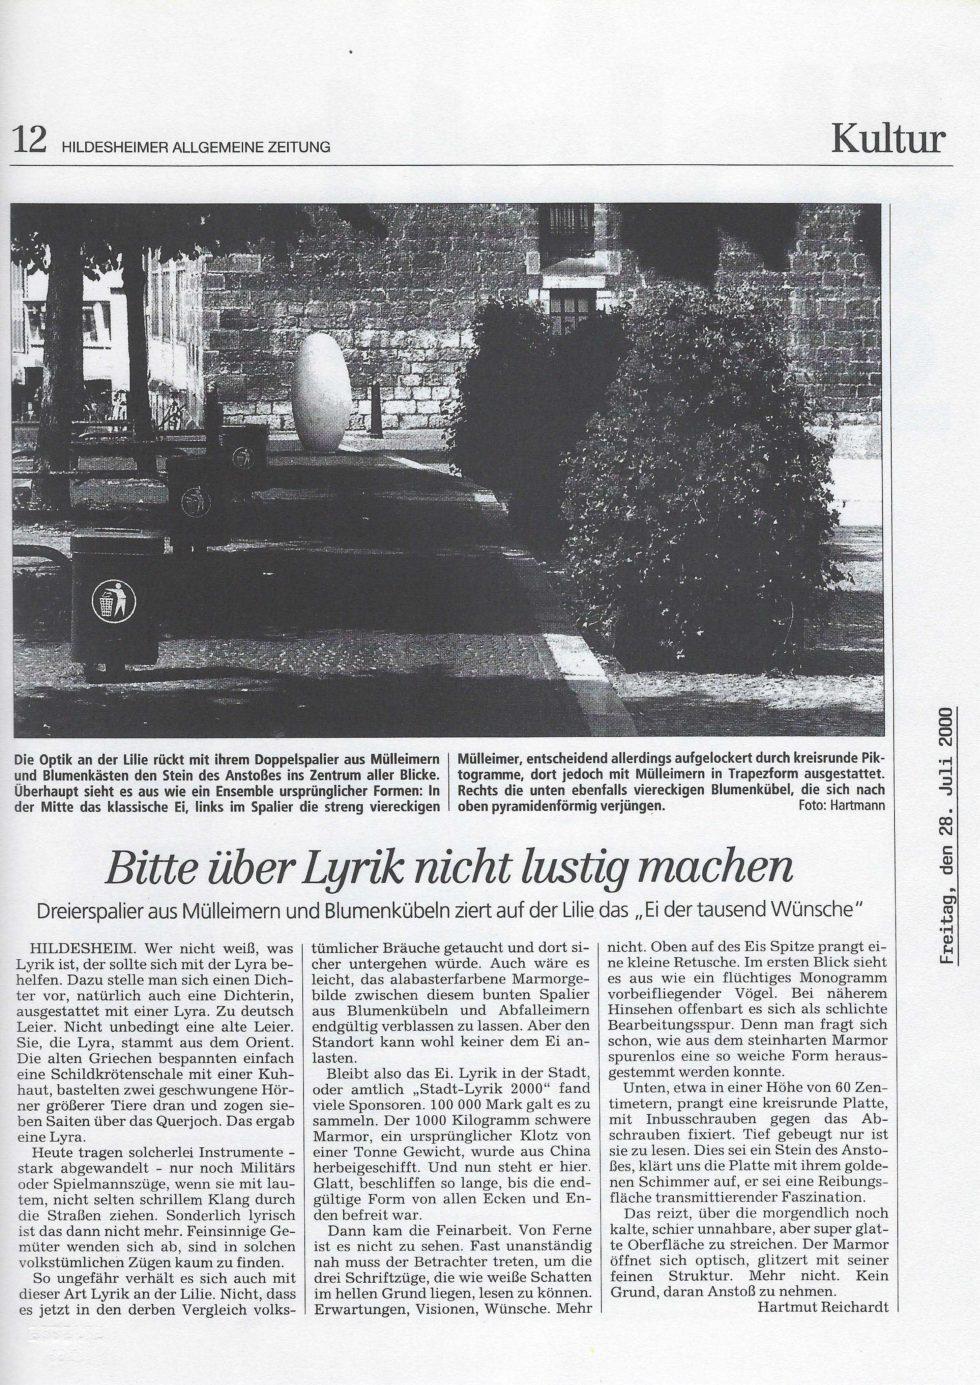 2000-2002 Stadt-Lyrik, EXPO-Ei, Krise Lit.Büro_Seite_23